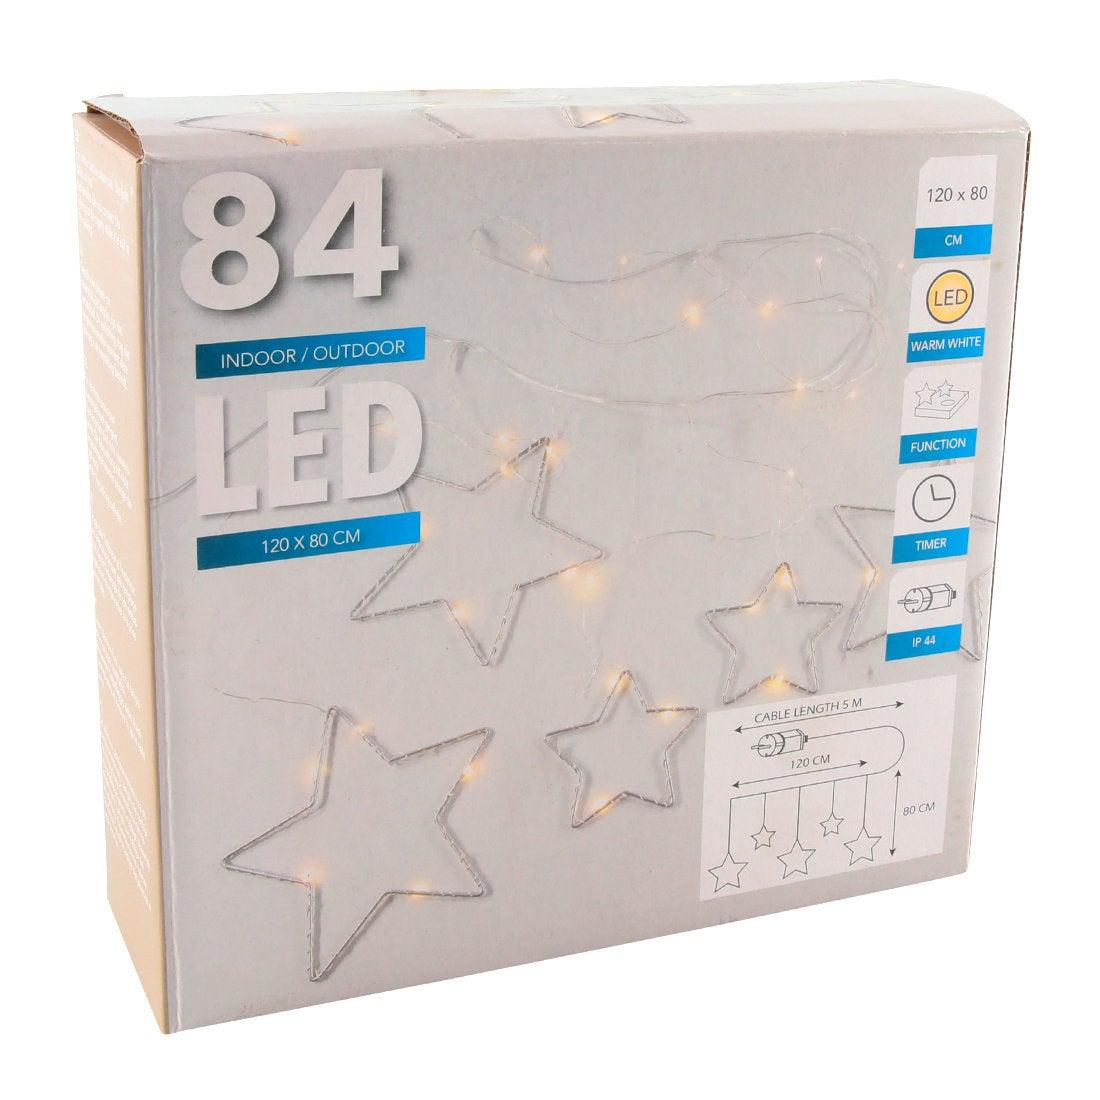 Gordijnverlichting ster 120 x 80 cm met 84 lampjes warm wit